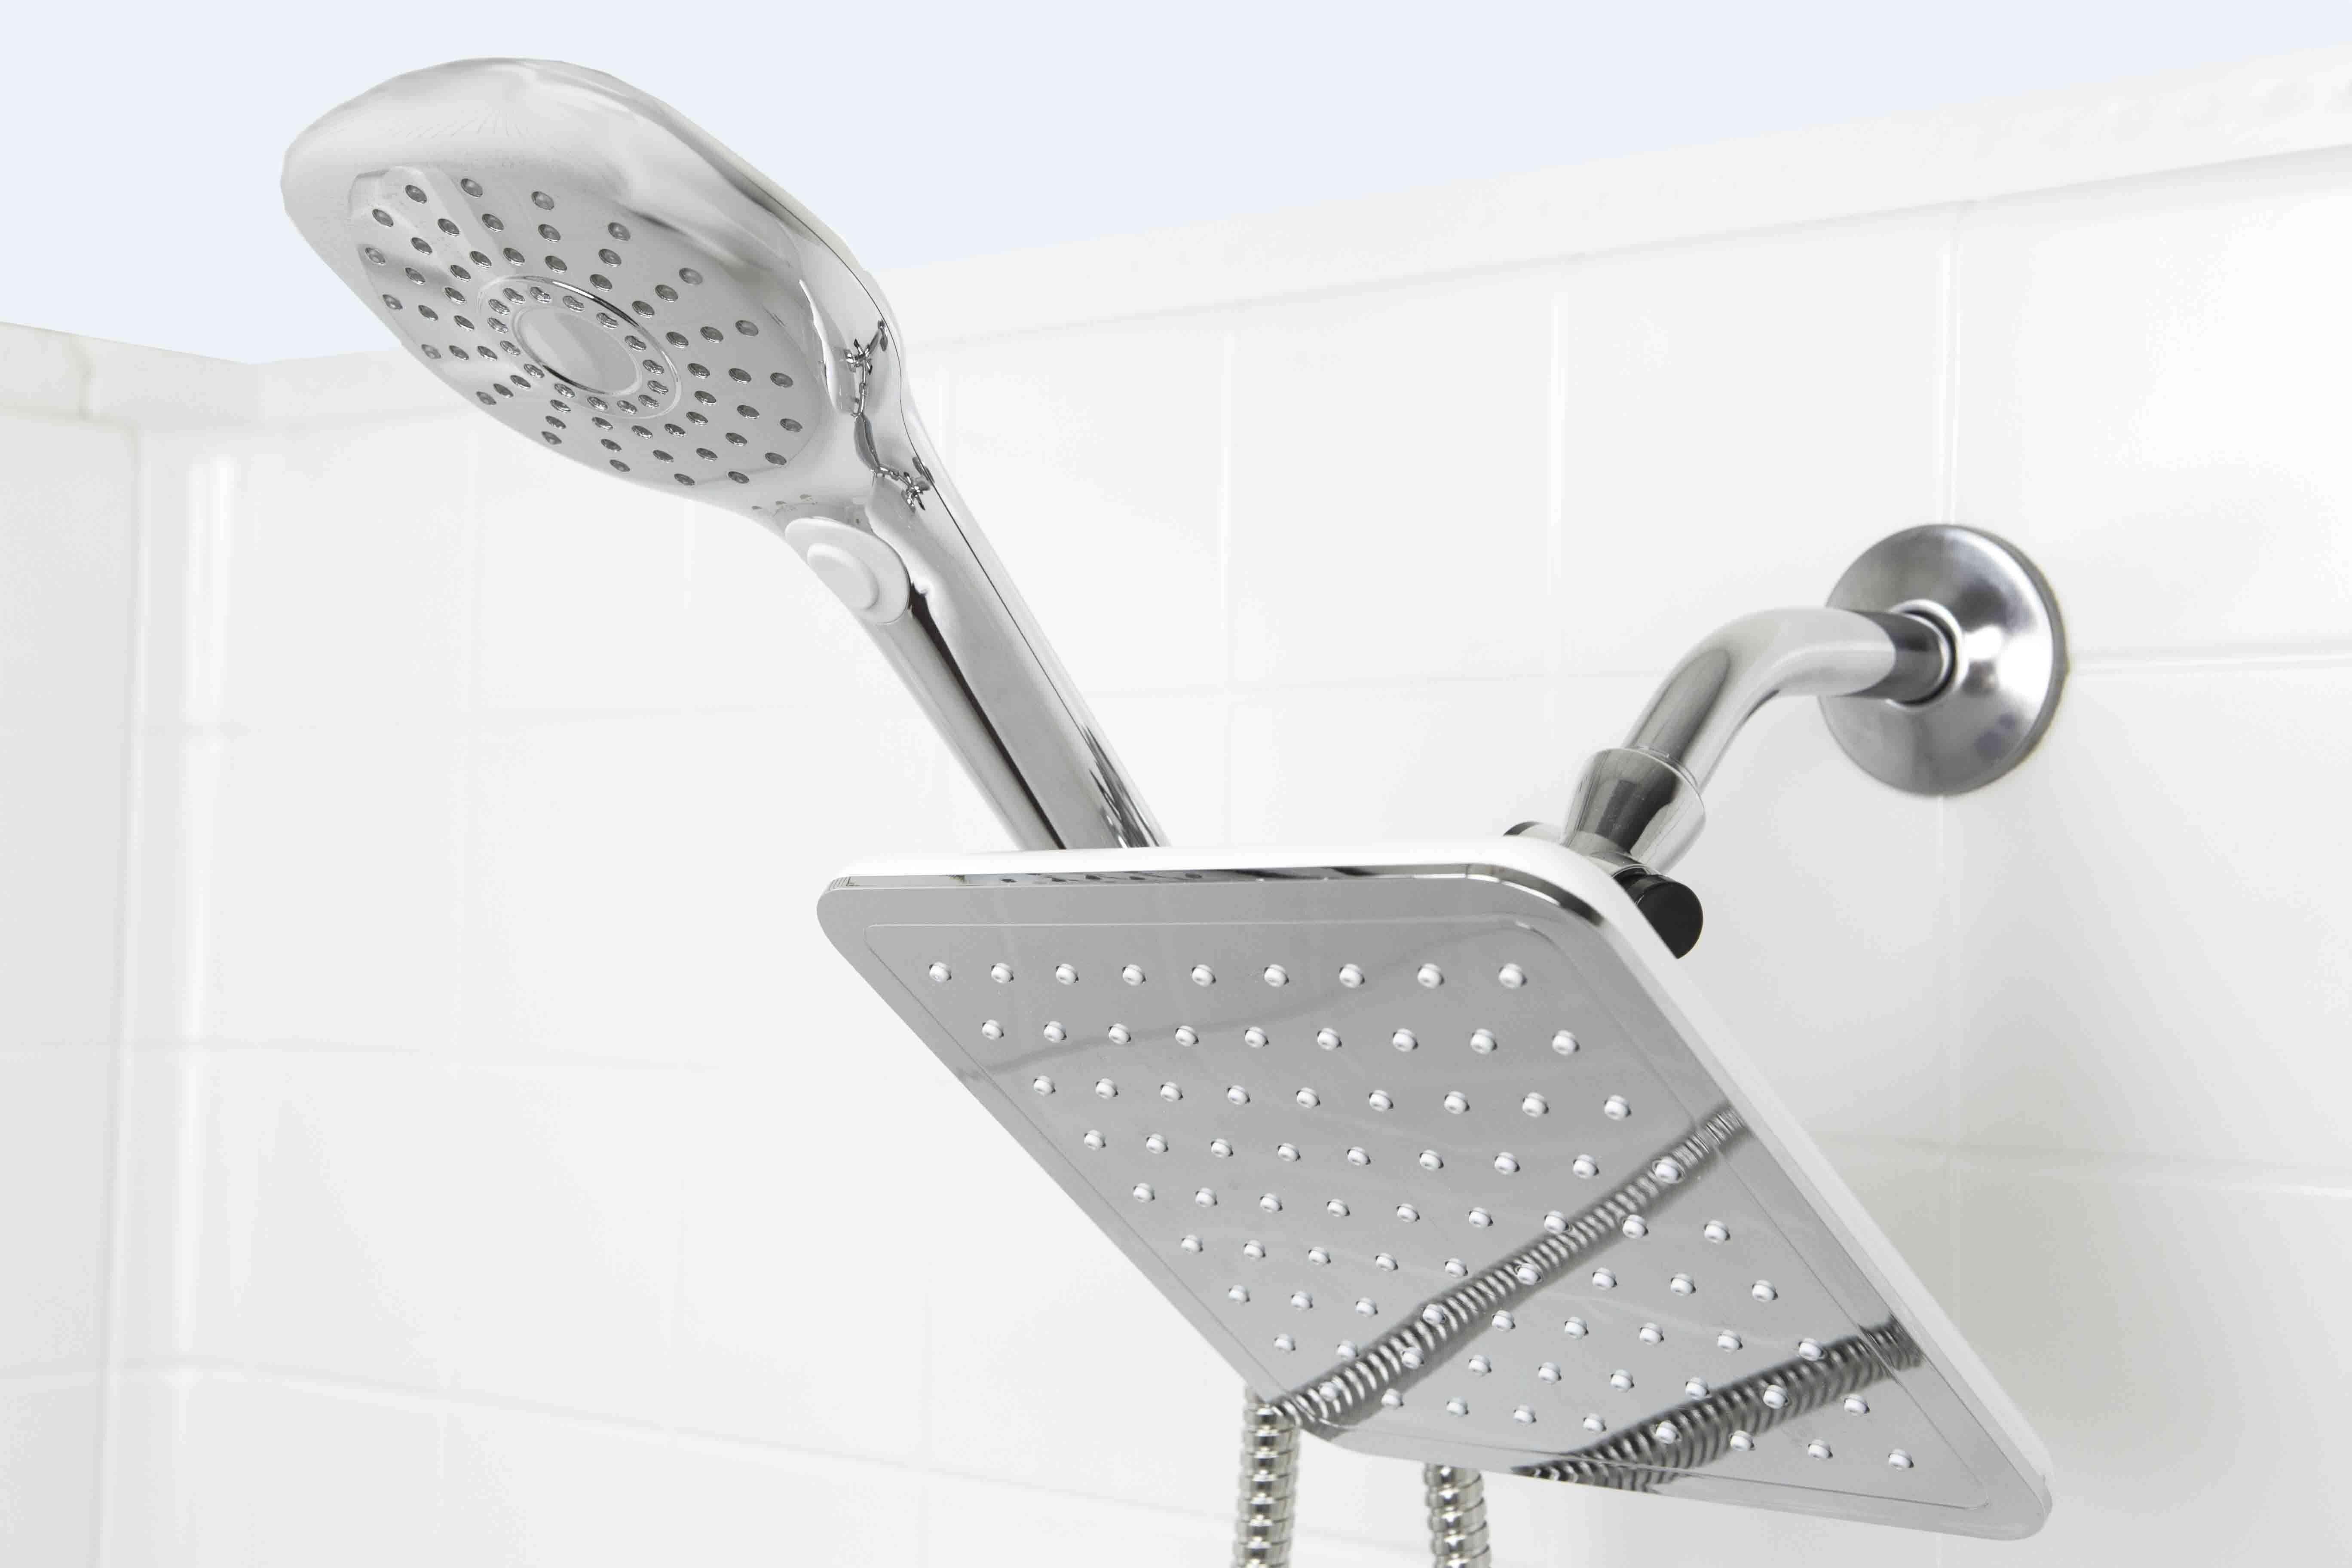 mount handheld pcr high head function bathroom luxury customer rated shower best reviews wall boosting pressure showerhead speakman showerheads helpful showers in adjustable